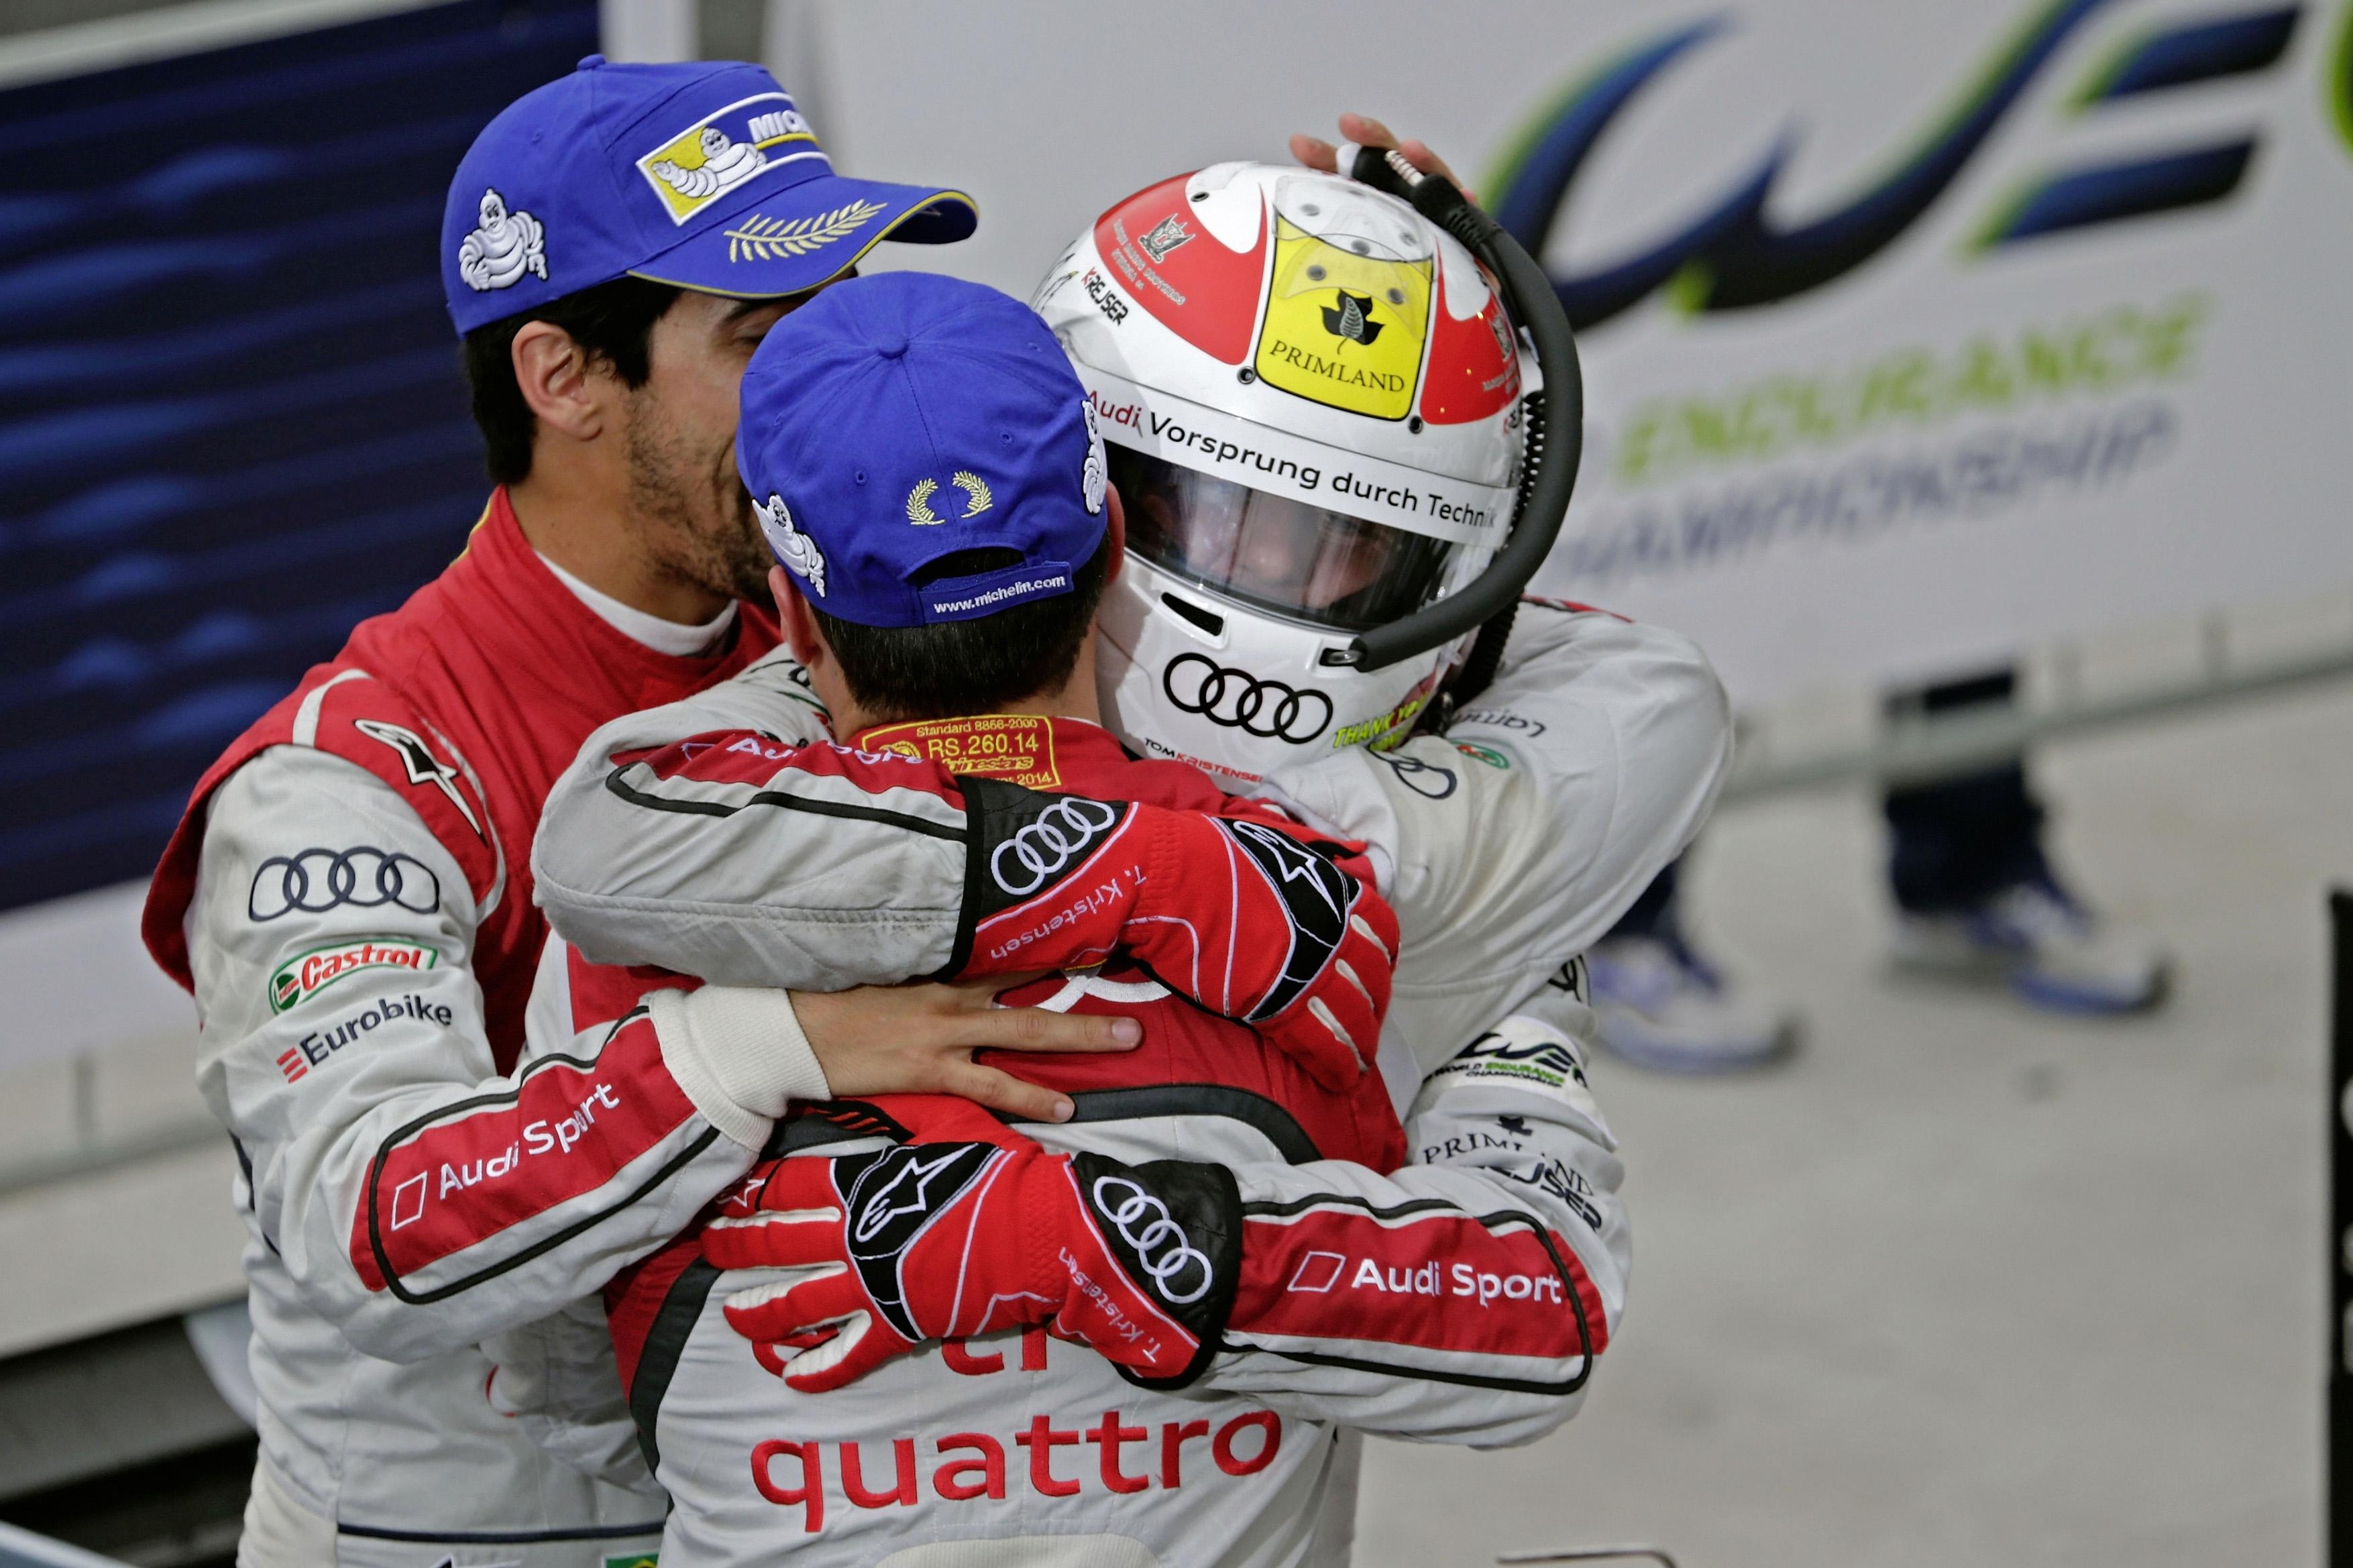 Audi freute sich in Brasilien ueber ein versoehnliches Ergebnis beim Finale zur FIA-Langstrecken-Weltmeisterschaft WEC. Der Marke mit den Vier Ringen gelang in S o Paulo das sechste Podiumsergebnis der Saison. Damit sicherte sich Tom Kristensen in seinem letzten Profi-Rennen noch einmal einen Pokal. Audi schloss das Jahr auf Platz zwei in der Herstellerwertung ab, waehrend Marcel Faessler/Andr  Lotterer/Beno t Tr luyer (CH/D/F) Vize-Weltmeister in der Fahrerwertung wurden.